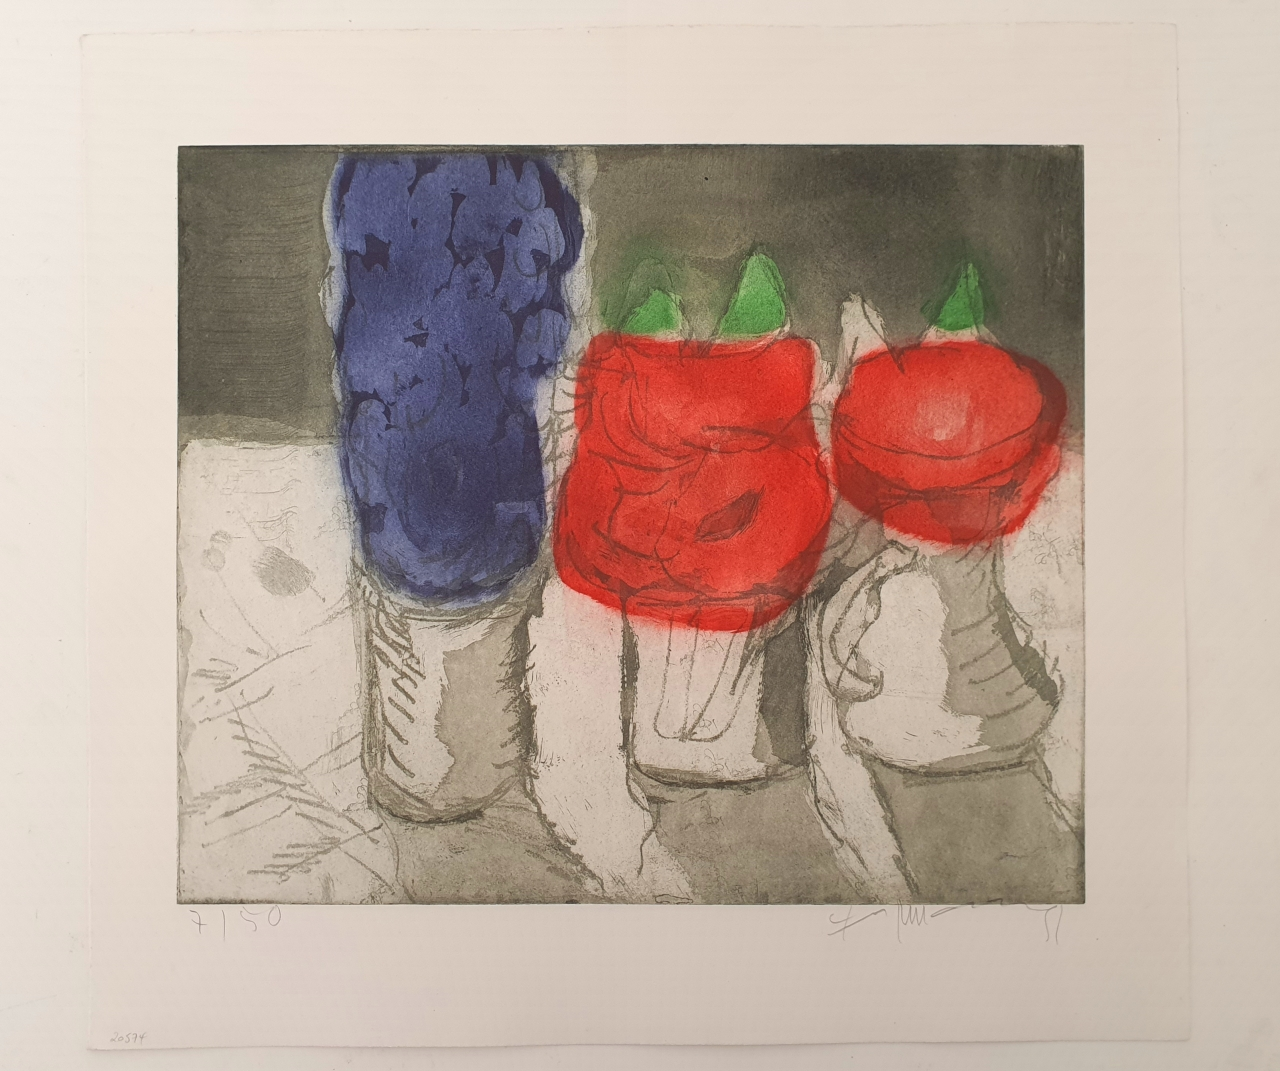 Rittersporn und Rosen 1991